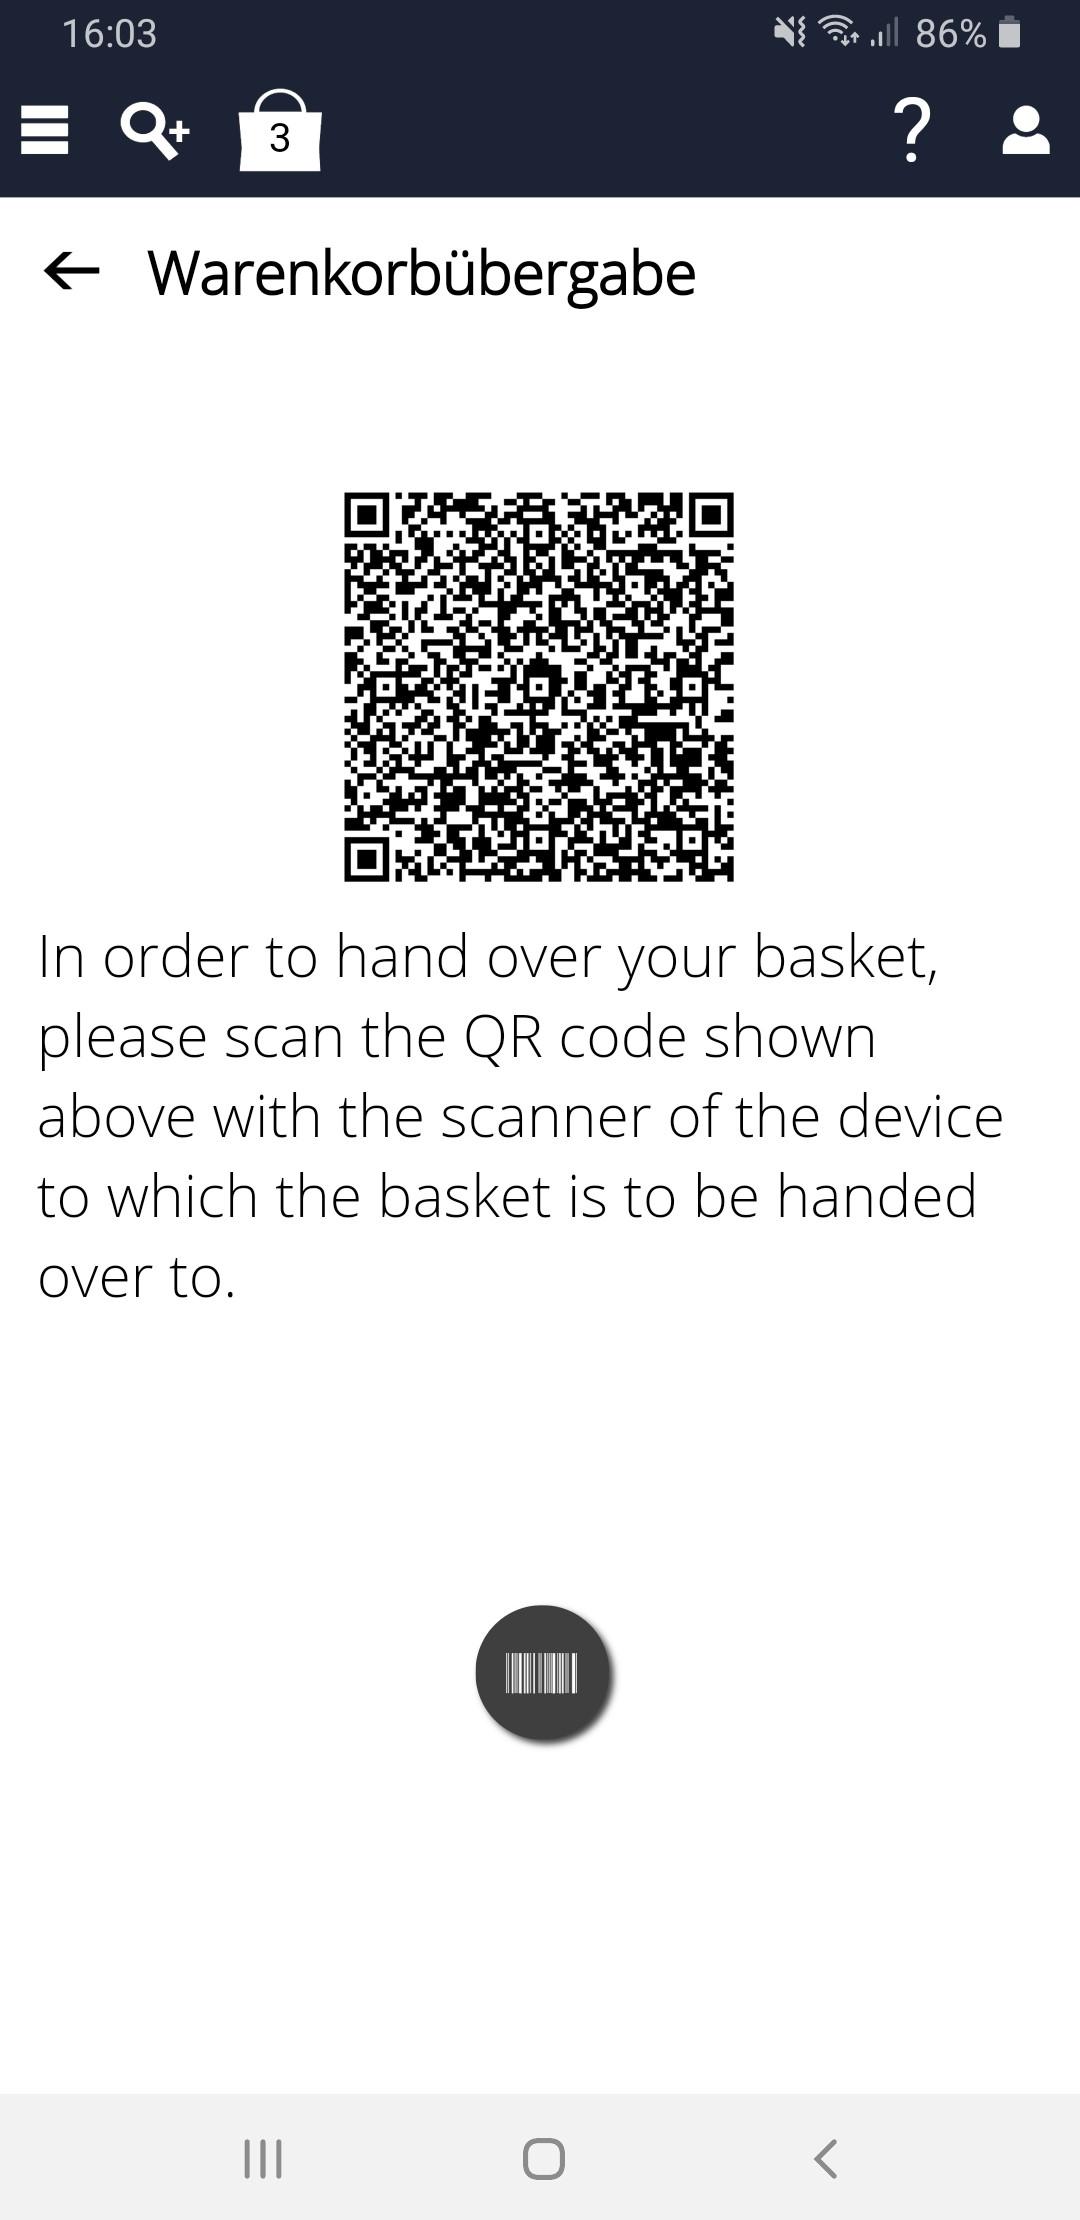 Screenshot des InstoreAssistants mit QR Code zur Warenkorbübergabe